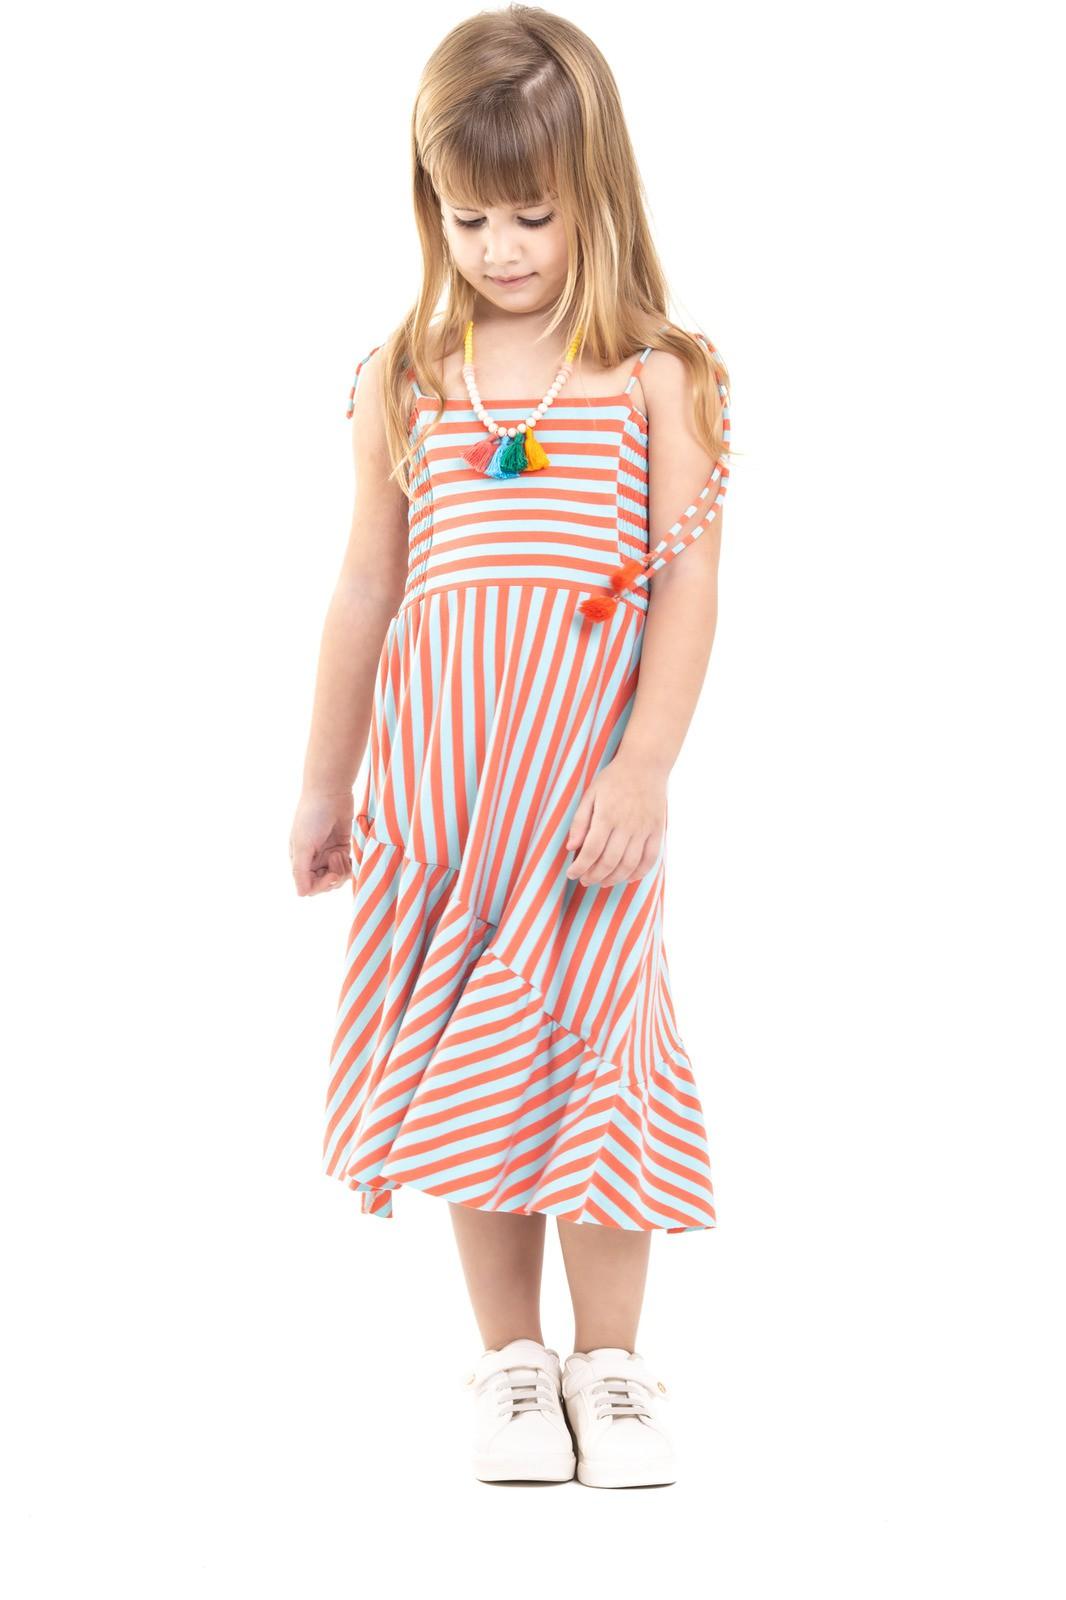 Vestido Infantil em Malha Turma do Balão